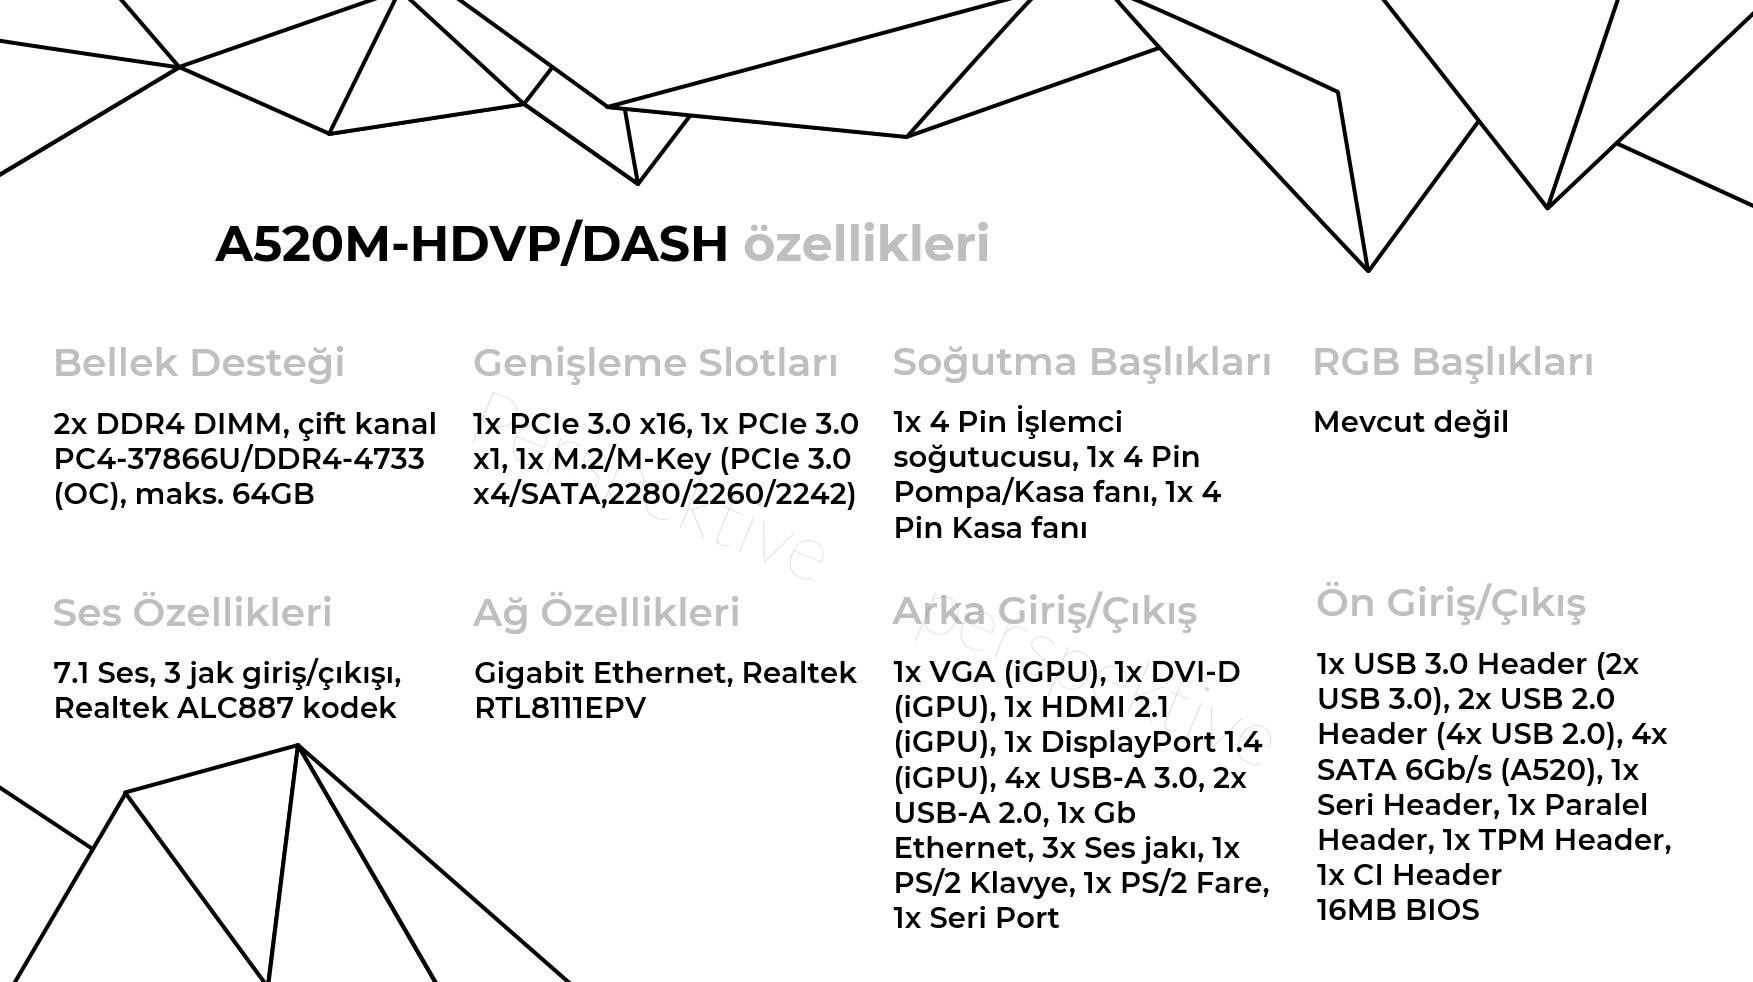 hdvp2.png